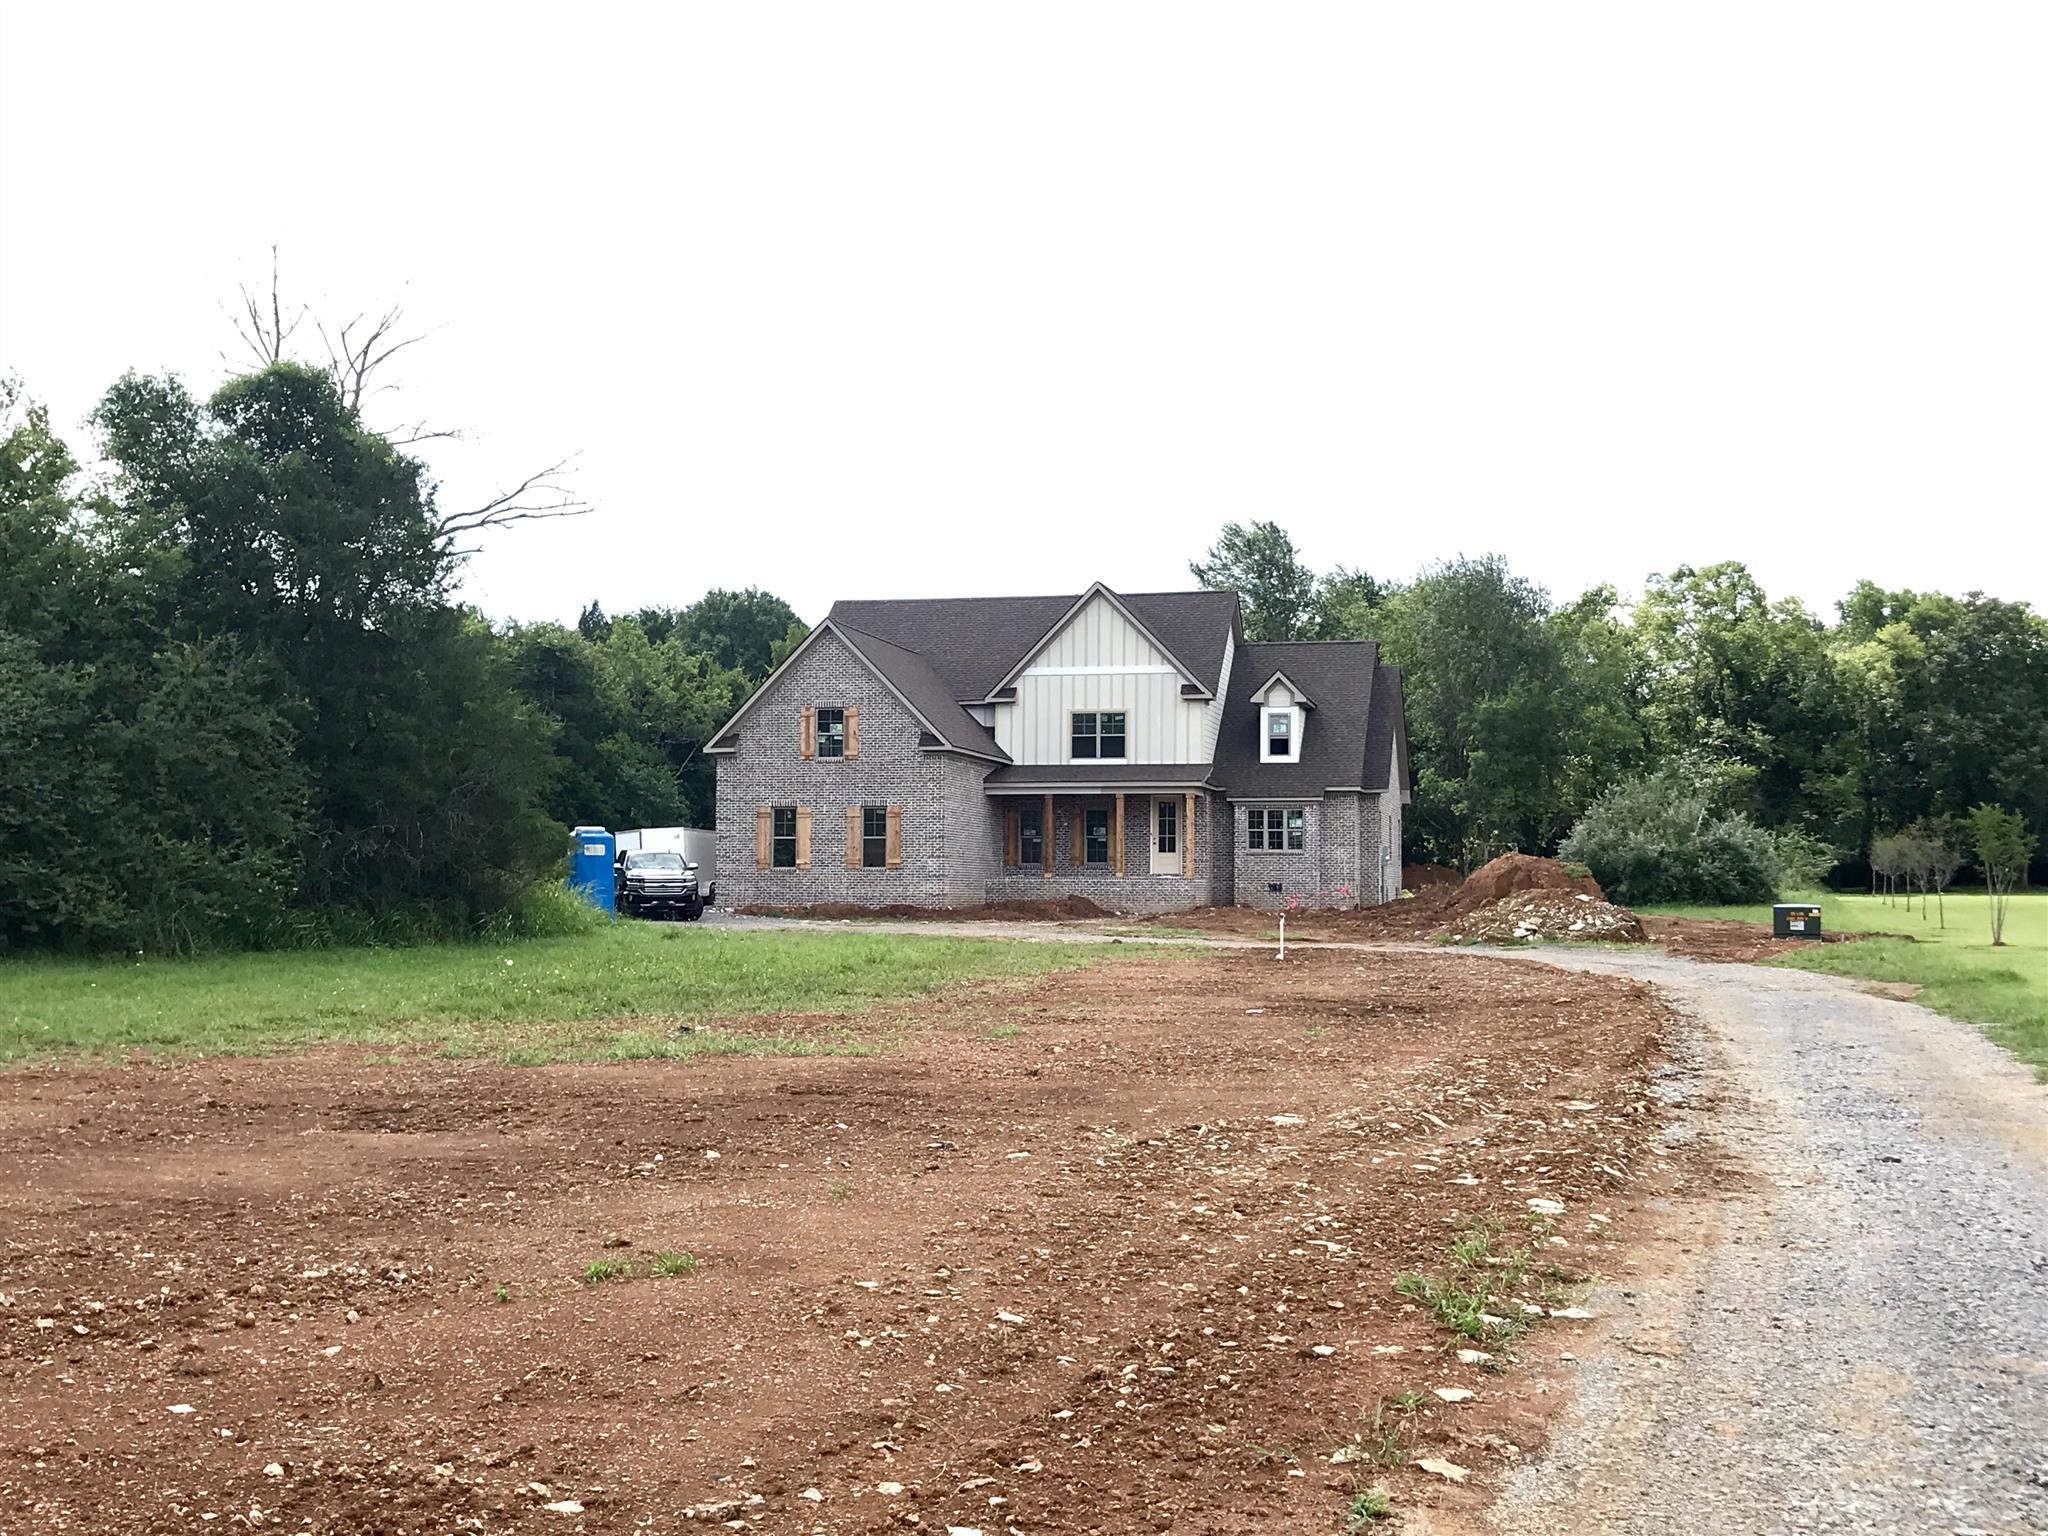 3642 Lascassas Pike, Murfreesboro, TN 37130 - Murfreesboro, TN real estate listing